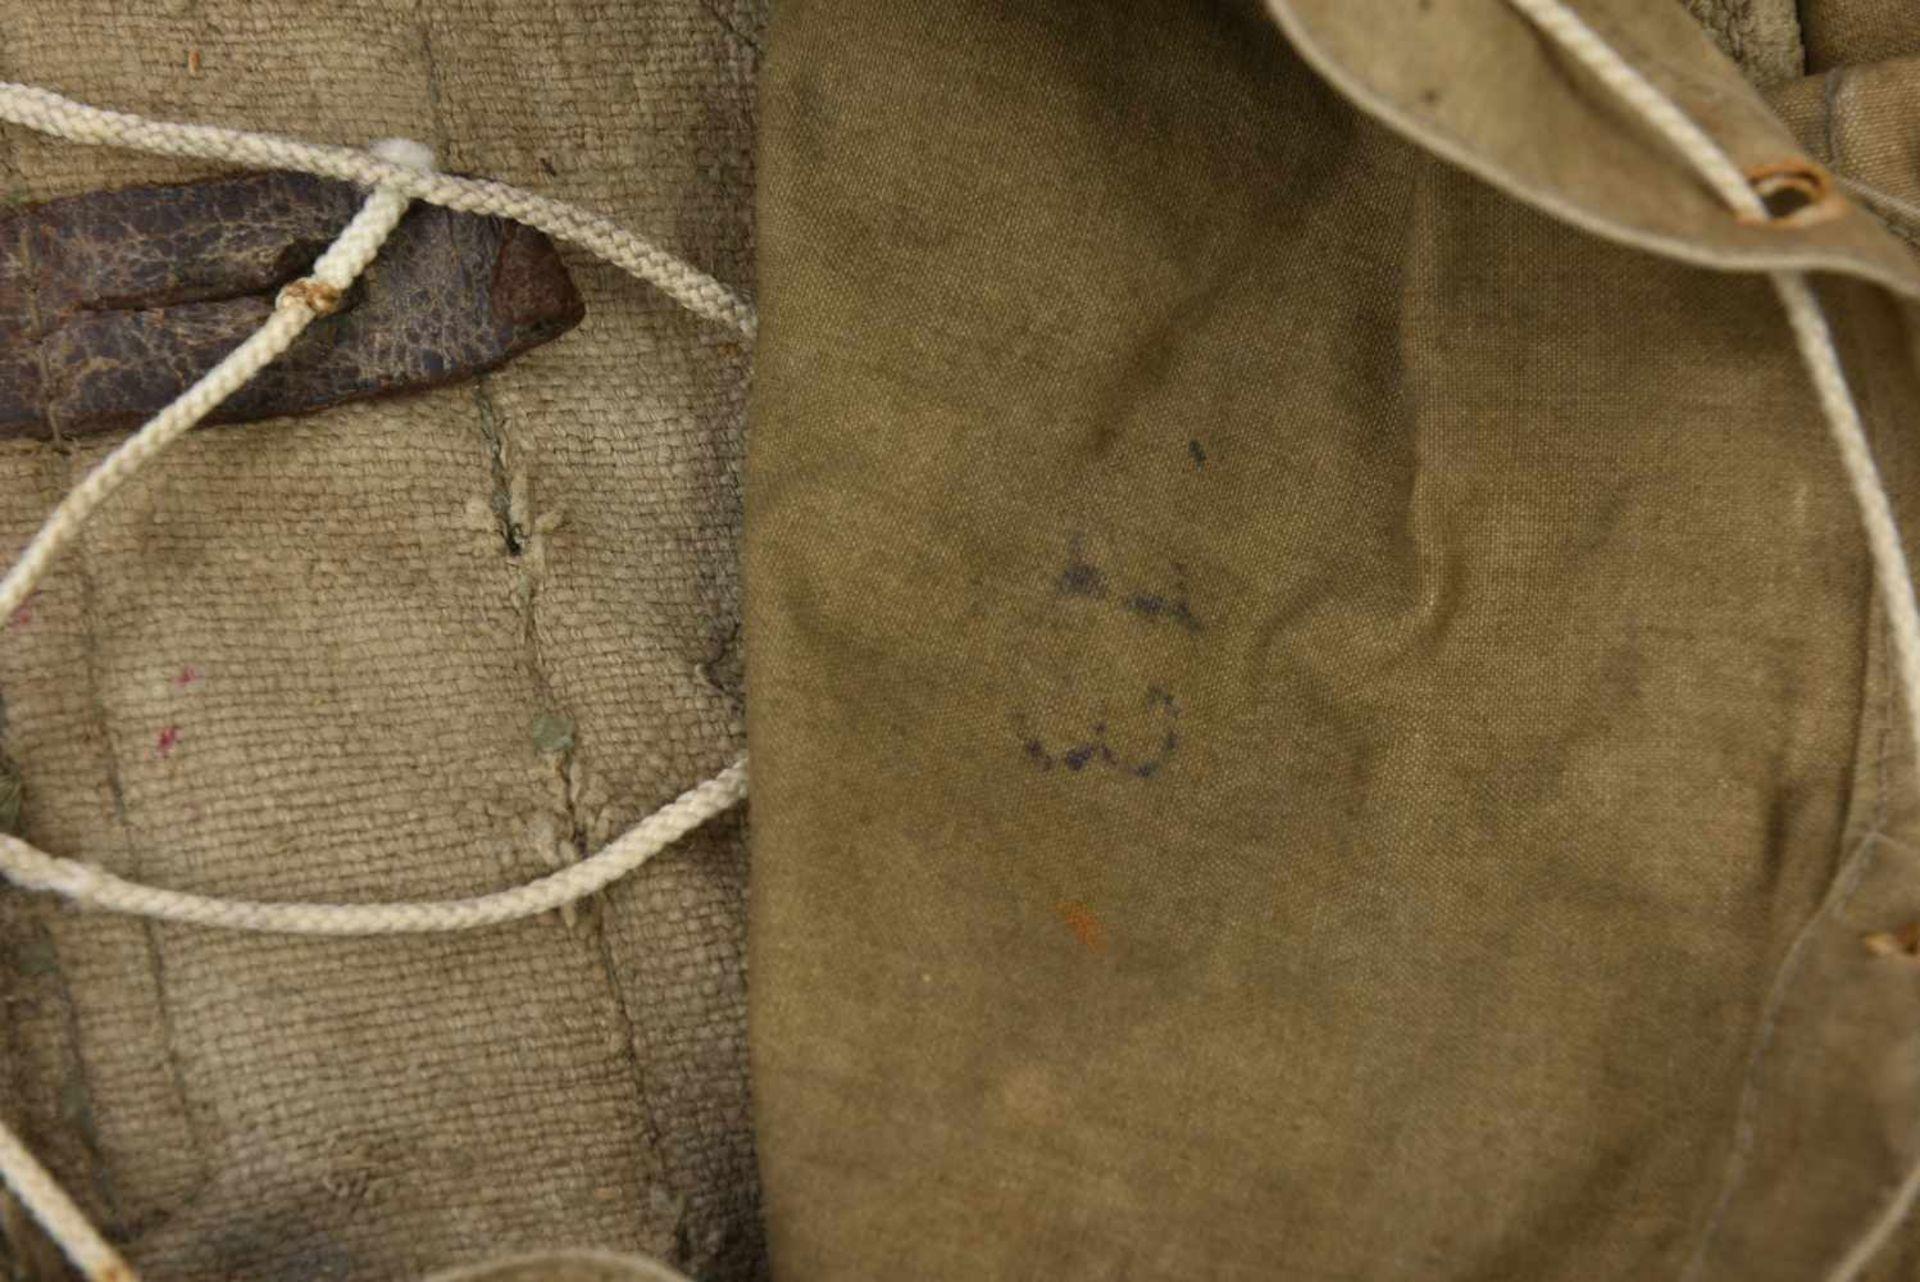 Sac à dos M.41 complet avec toutes ses sangles intégrées. Une languette de pochette manquante. - Bild 2 aus 4